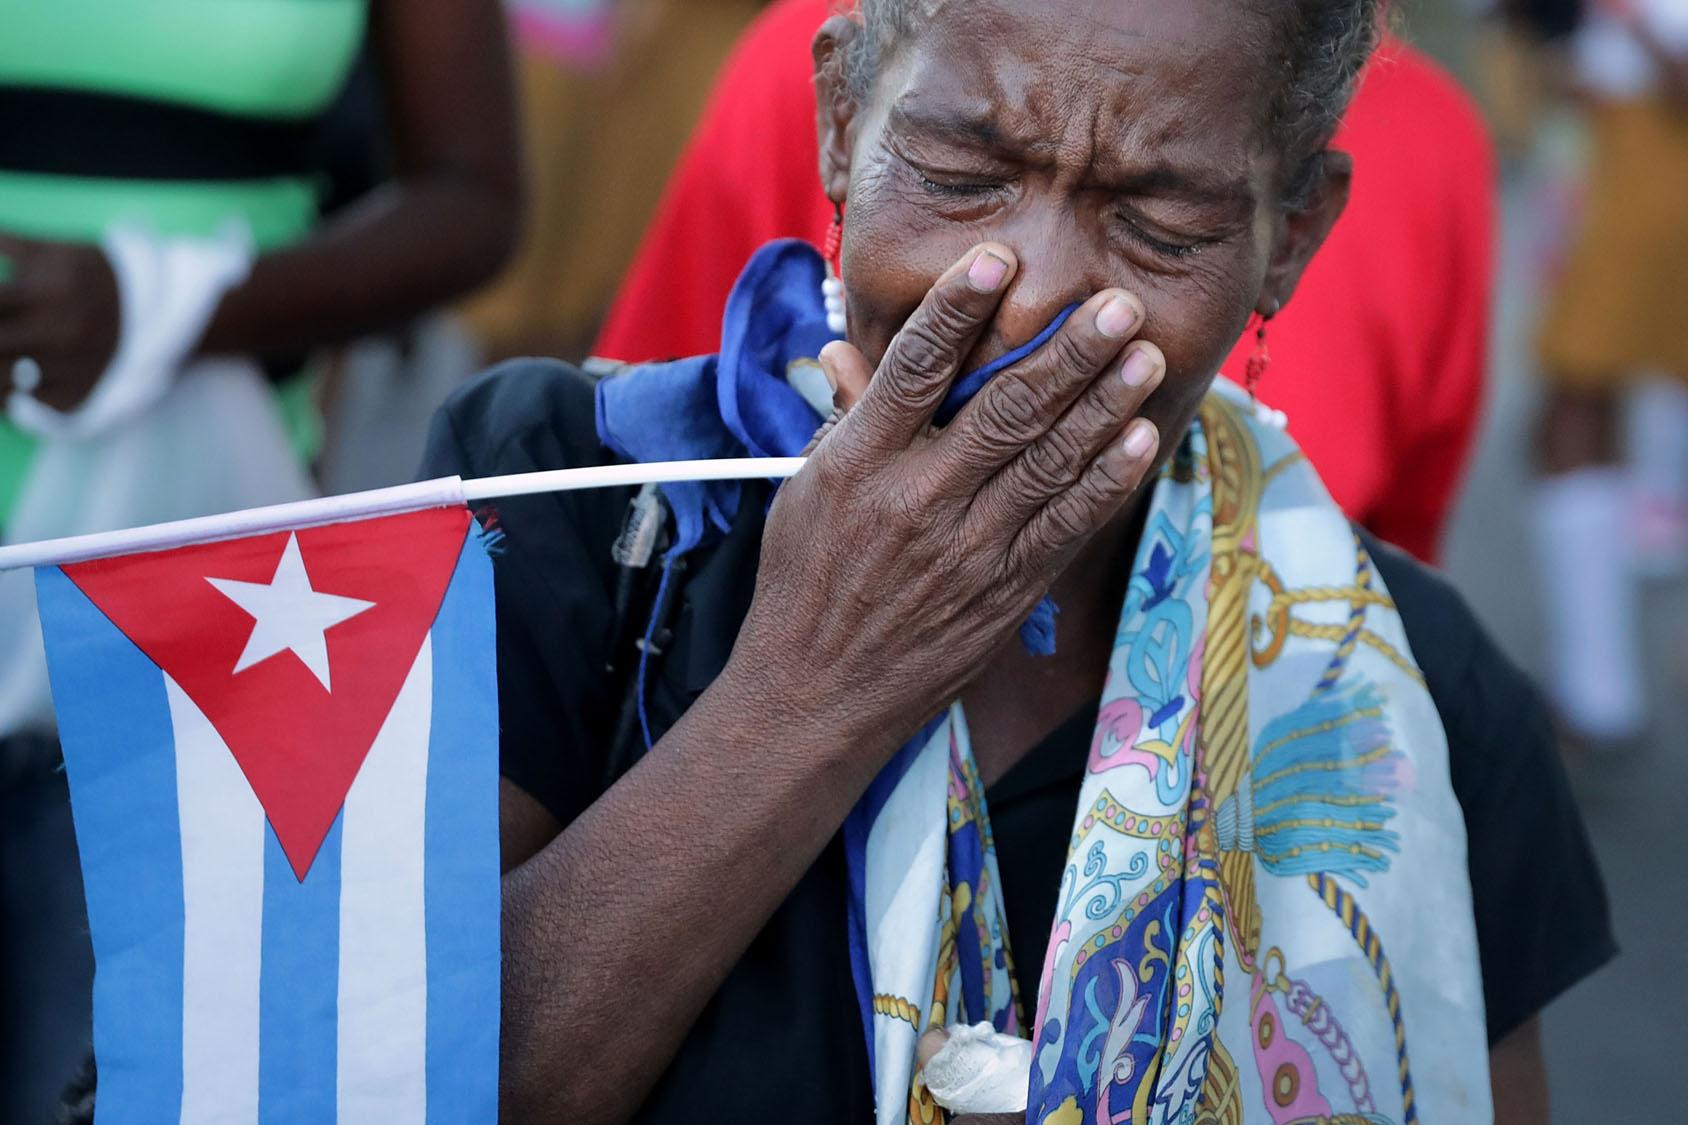 Fidel Castro's ashes are buried in Santiago de Cuba